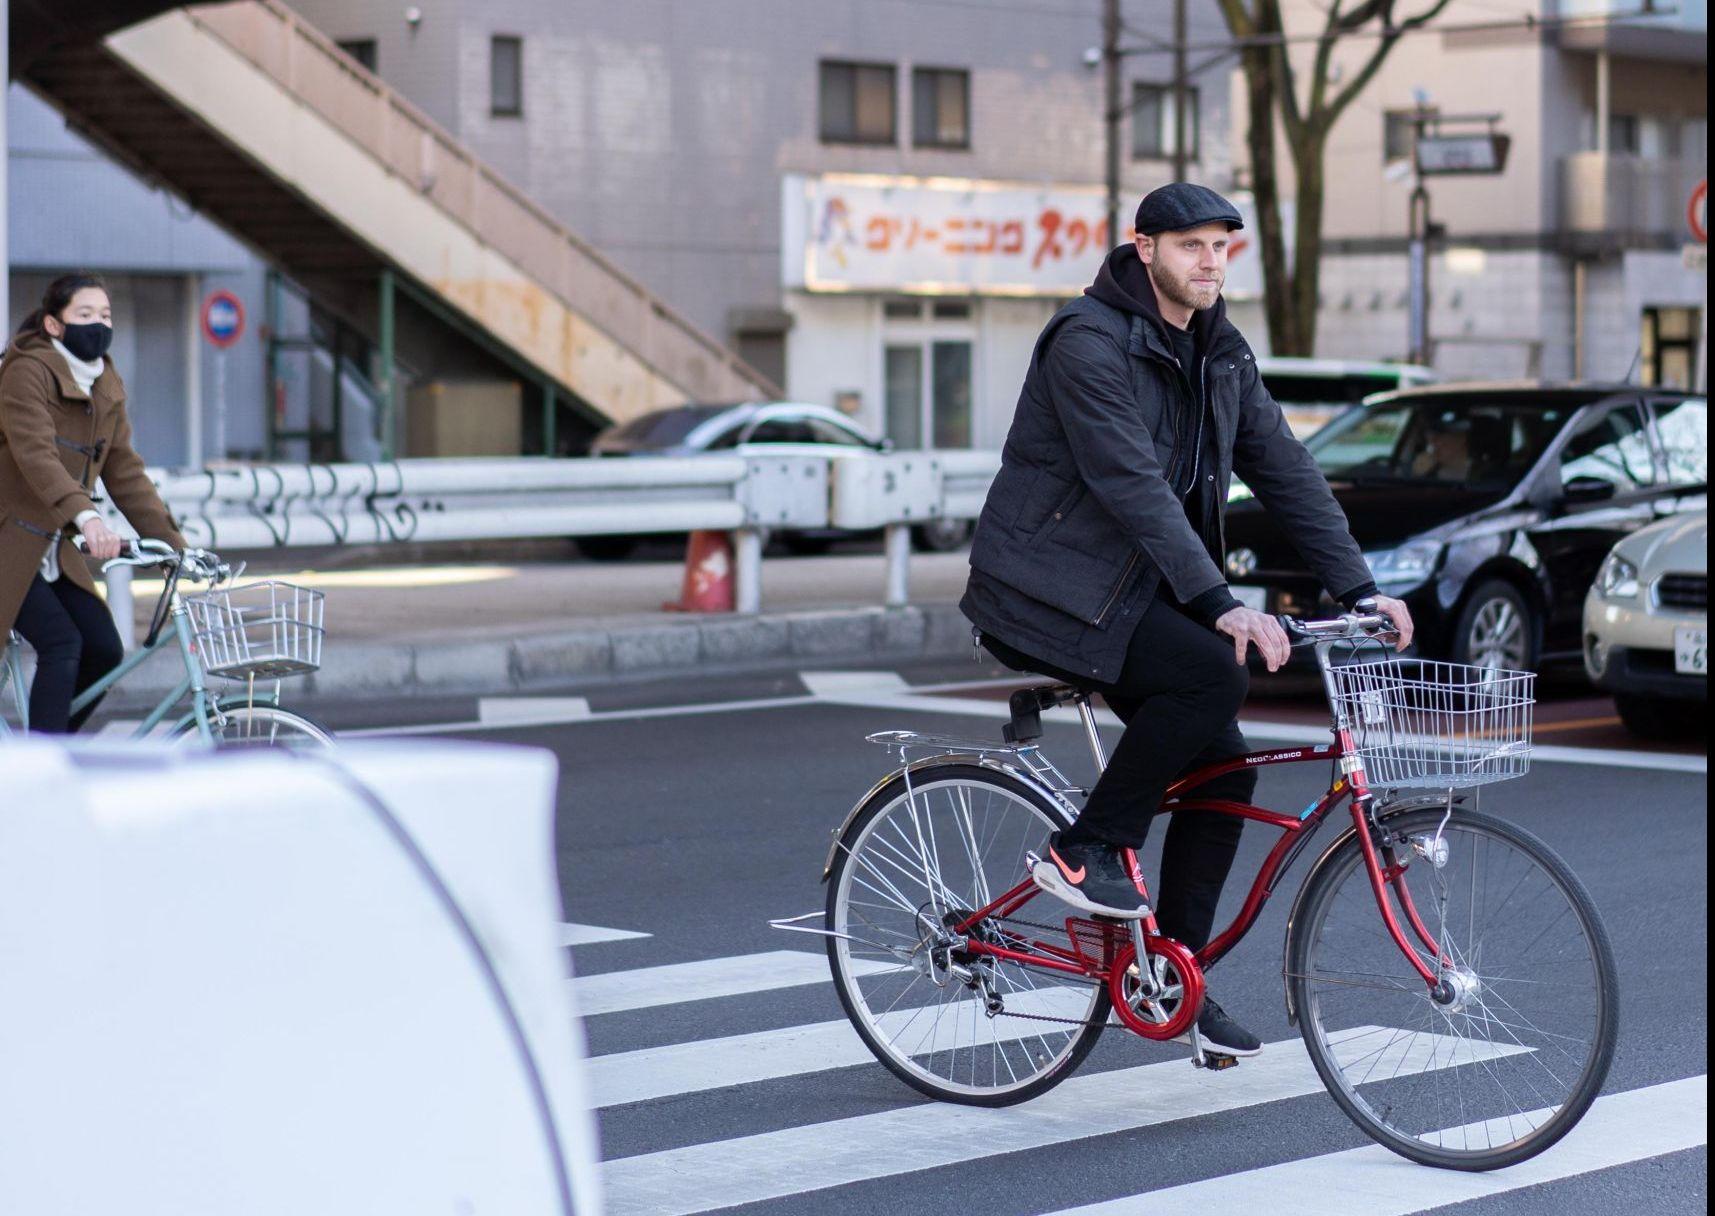 chad-feyen-metropolis-magazine-japan-cycling-tokyo